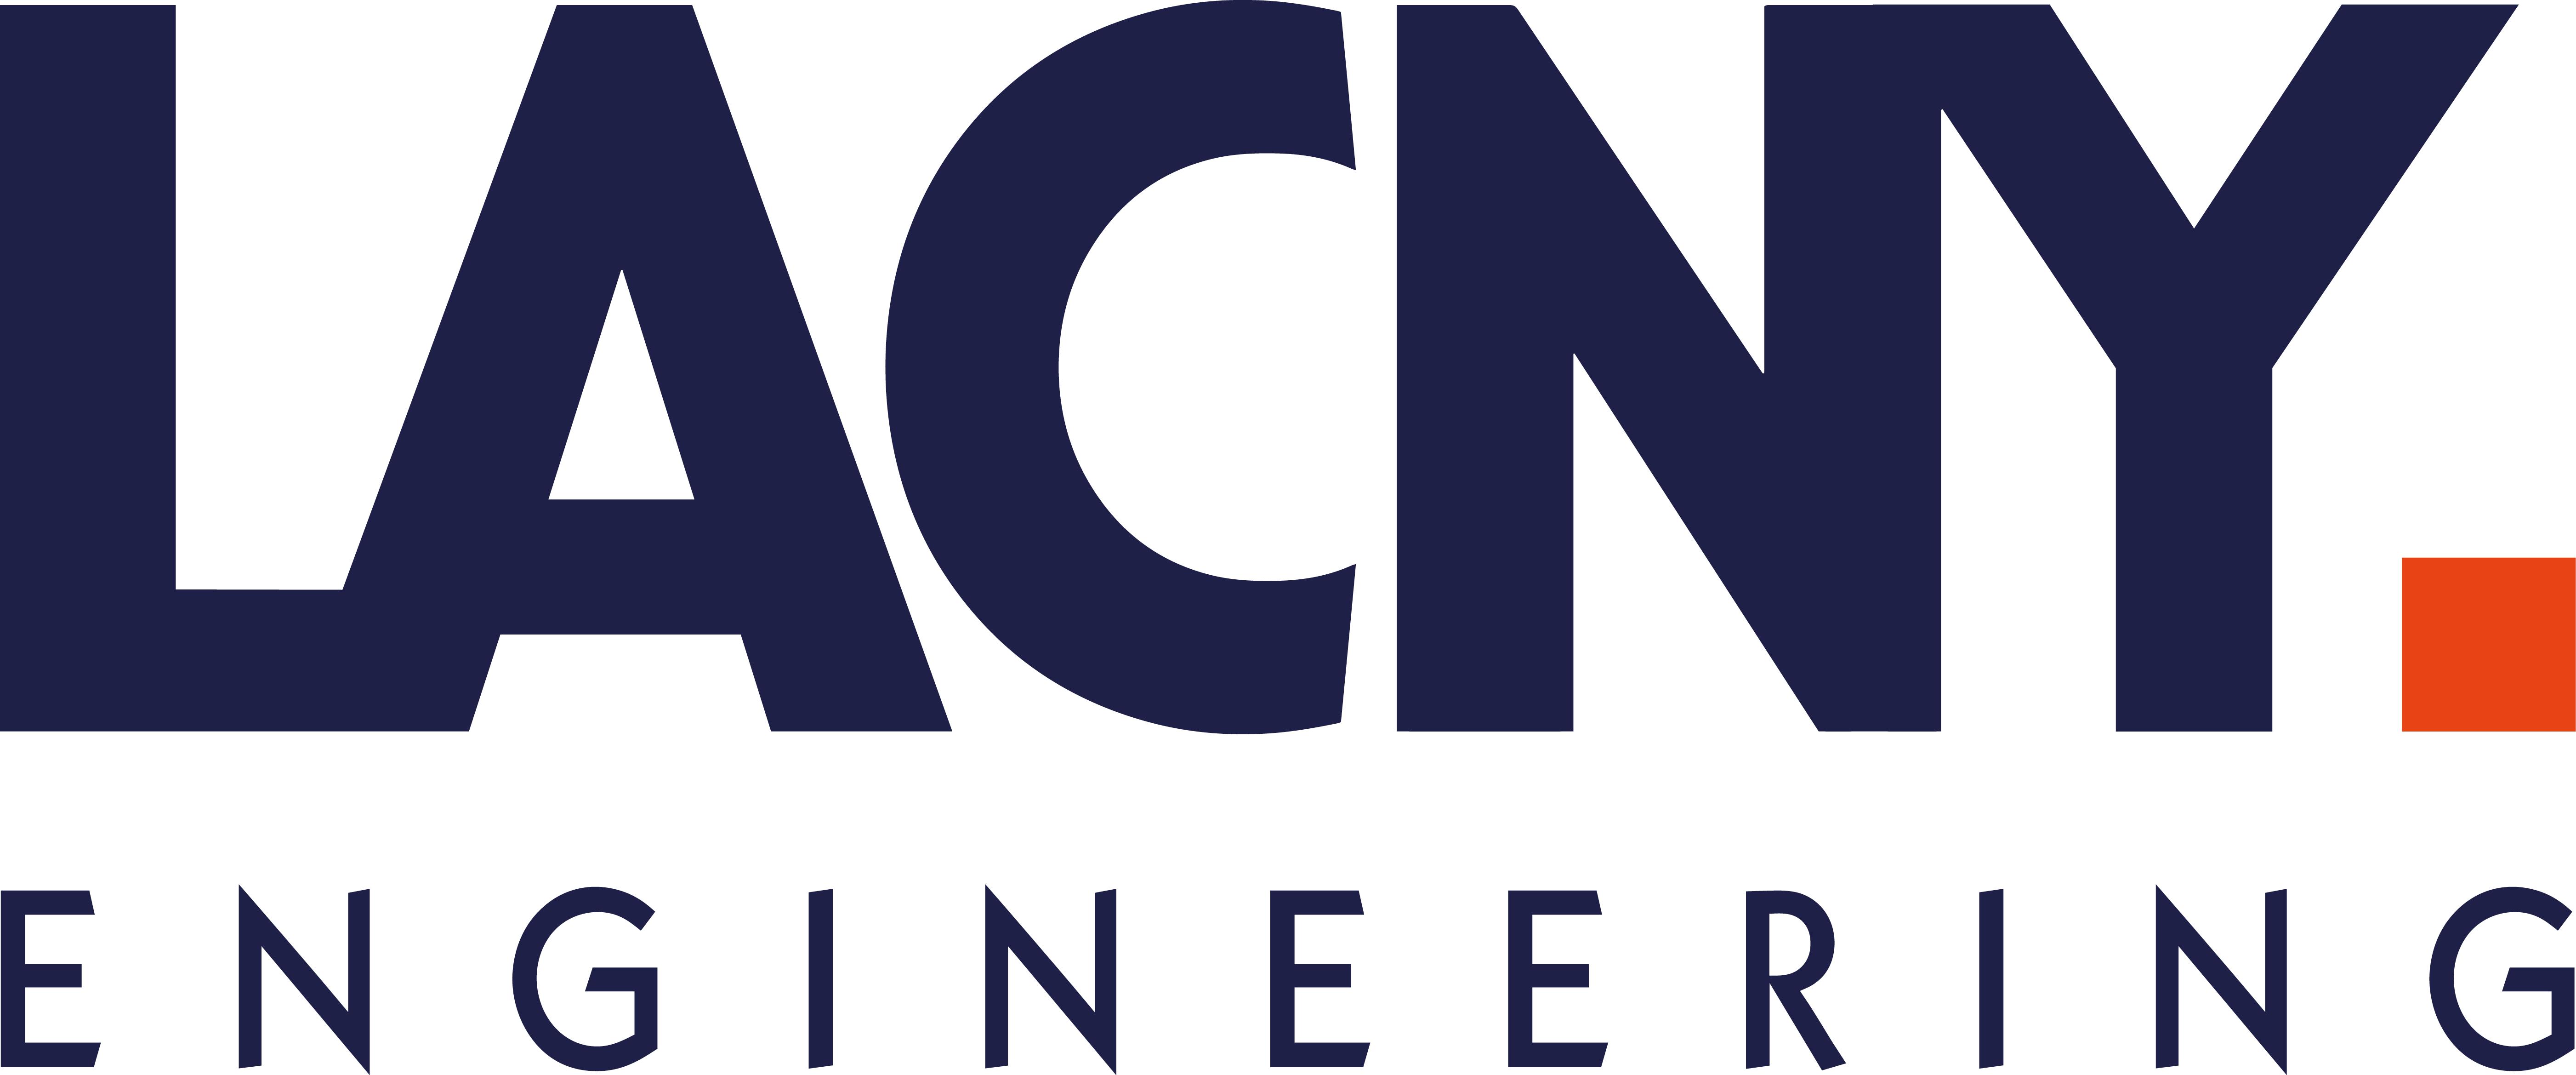 LACNY GmbH